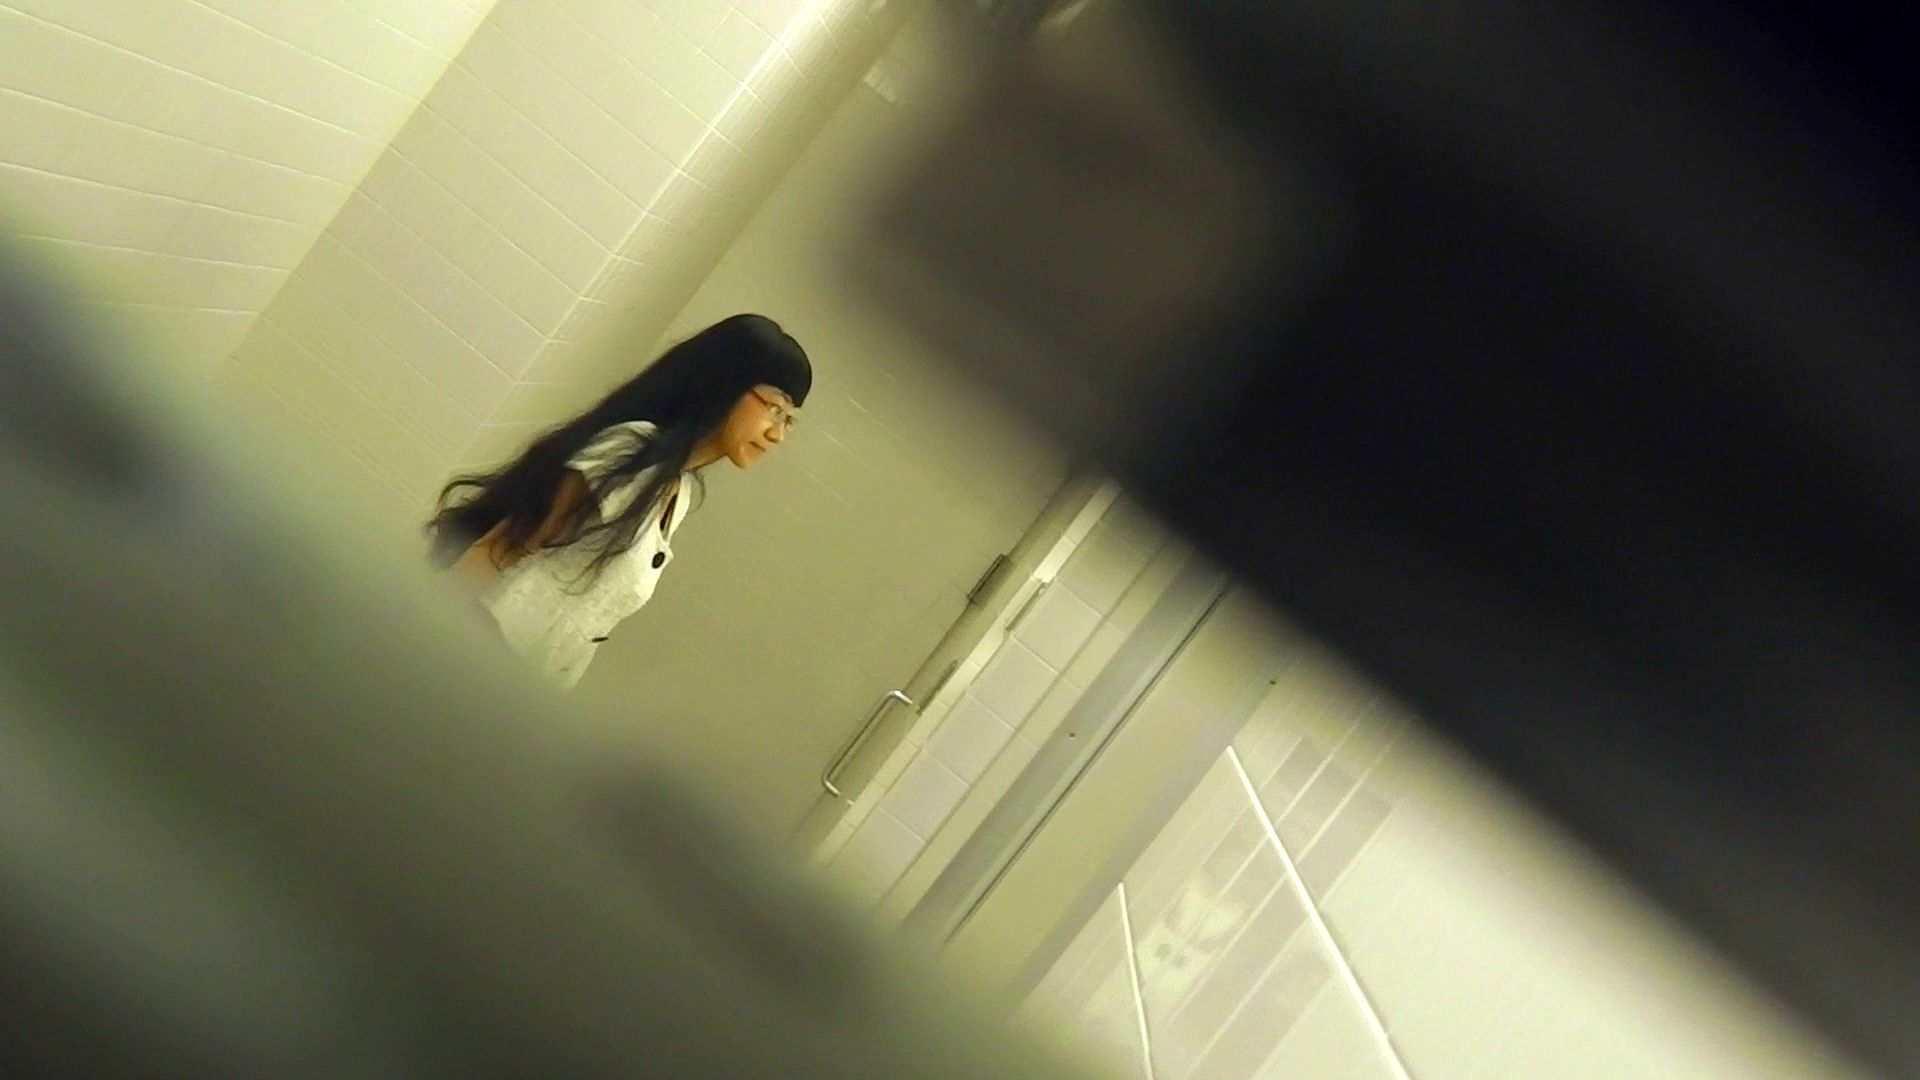 vol.02 命がけ潜伏洗面所! お化粧直しは入念に! 潜入 盗み撮り動画キャプチャ 28連発 22